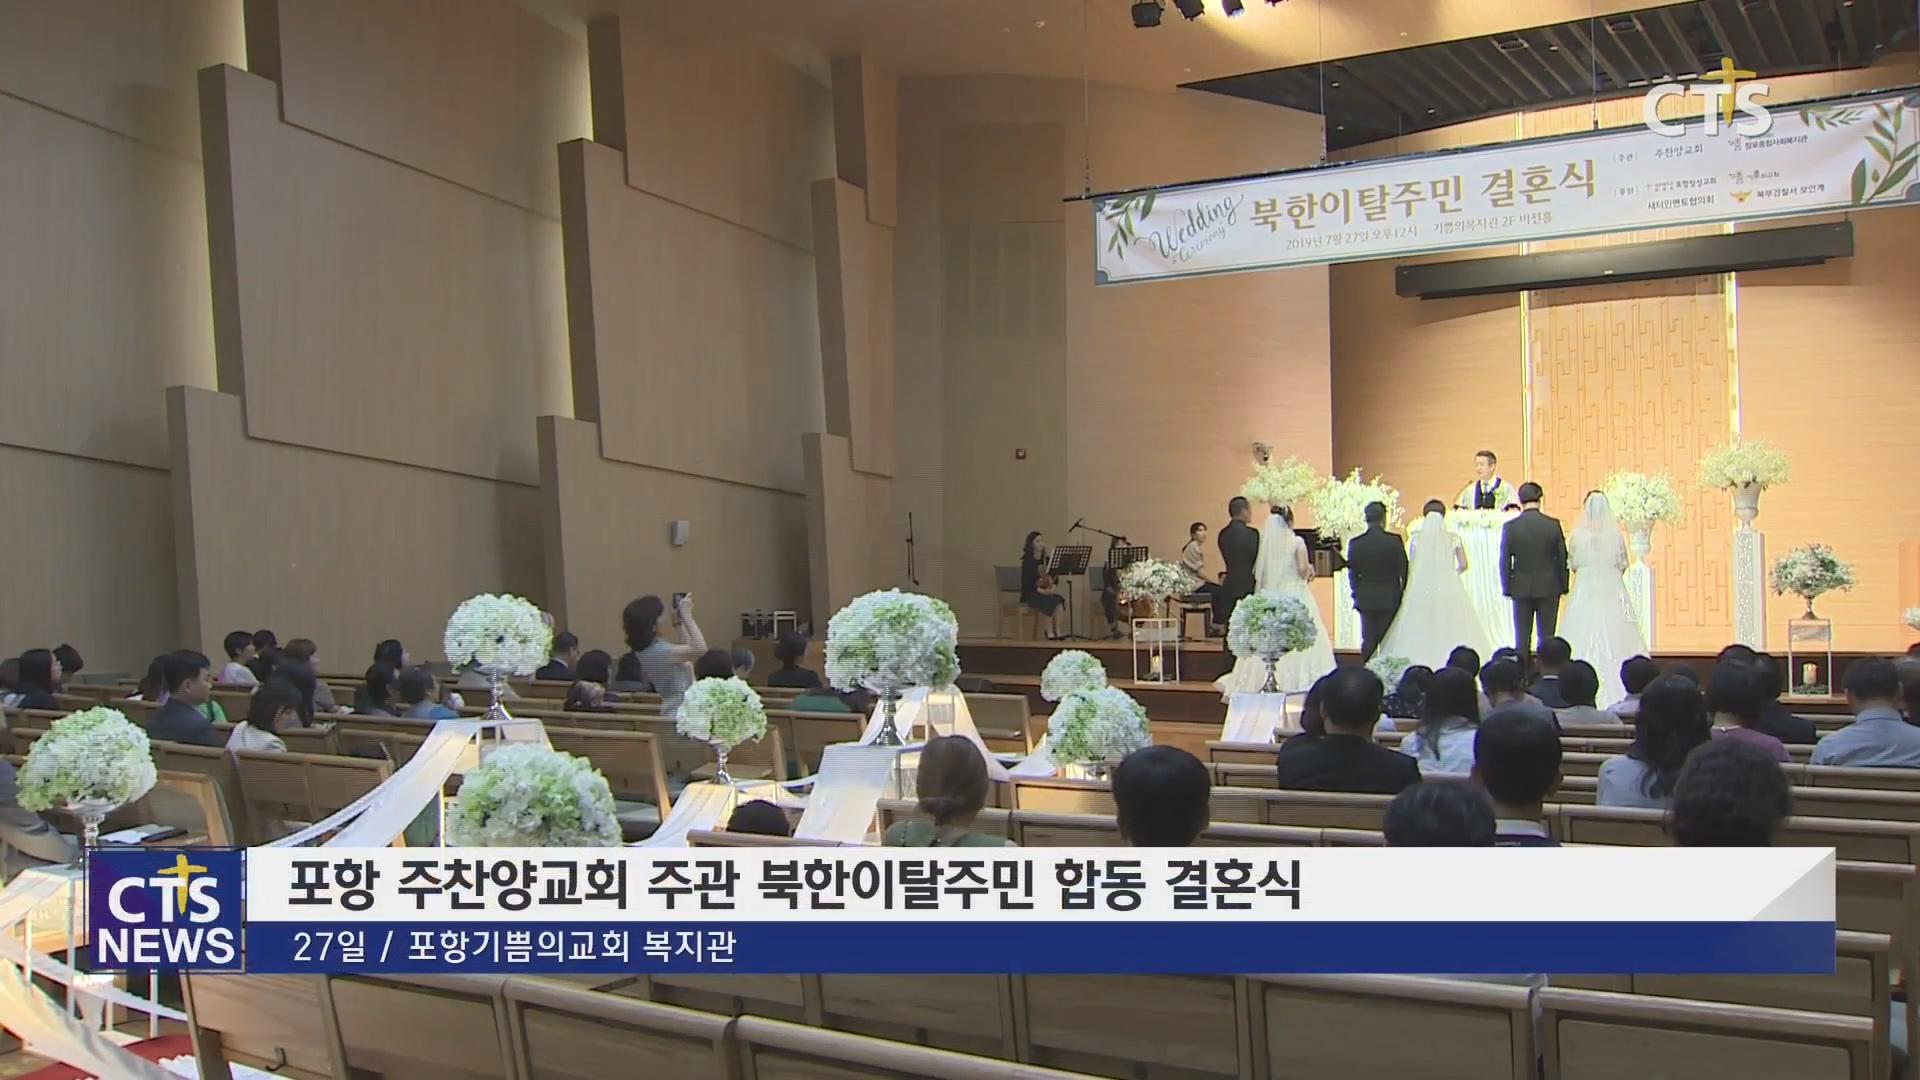 포항주찬양교회 주관북한이탈주민 합동 결혼식